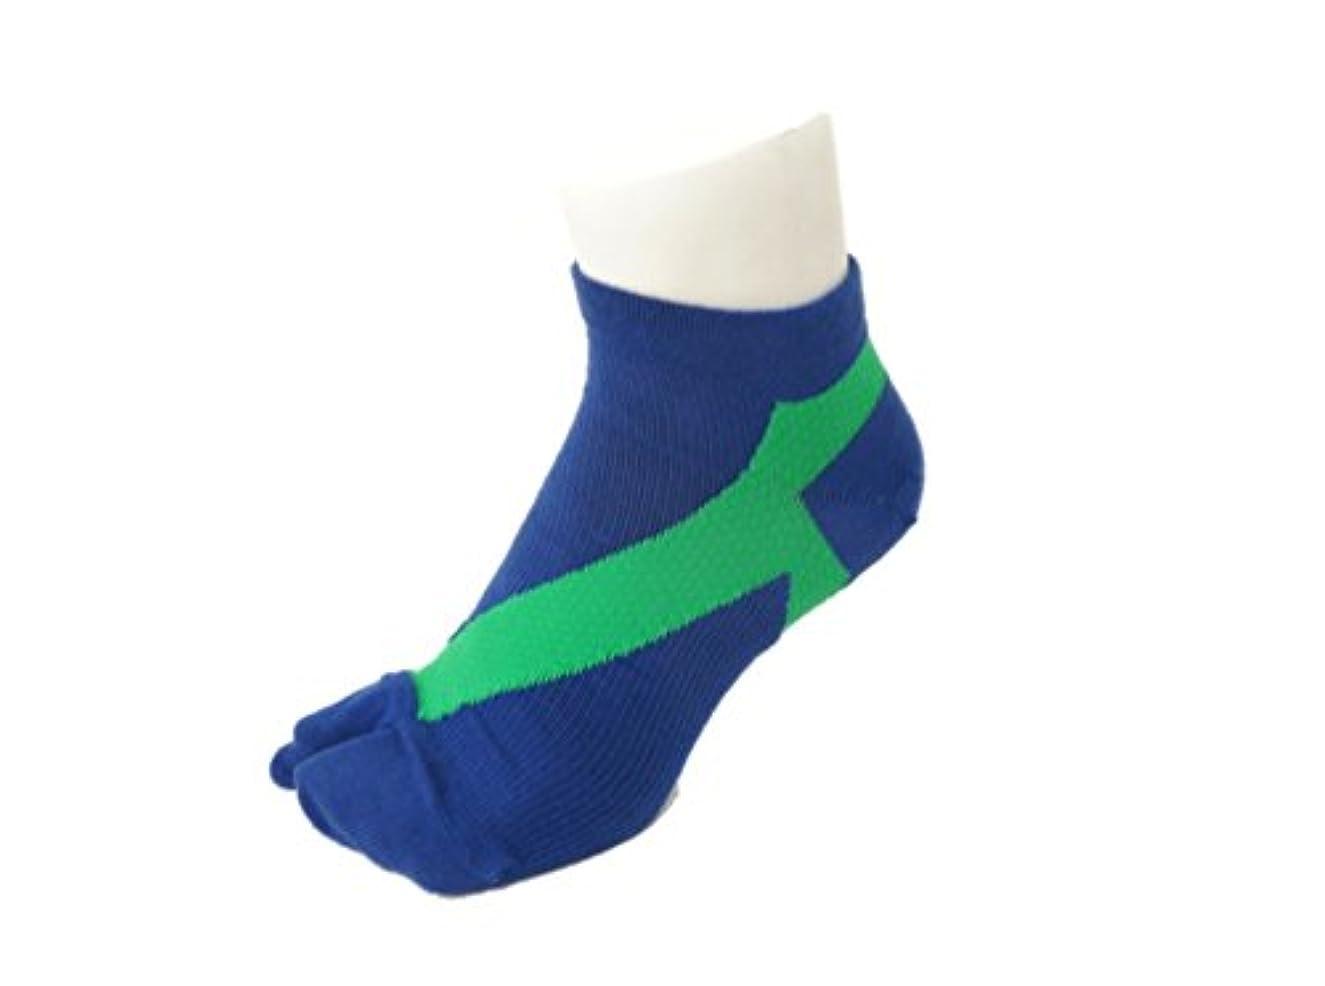 不公平赤外線スタックさとう式 フレクサーソックス アンクル 紺緑 (S) 足袋型